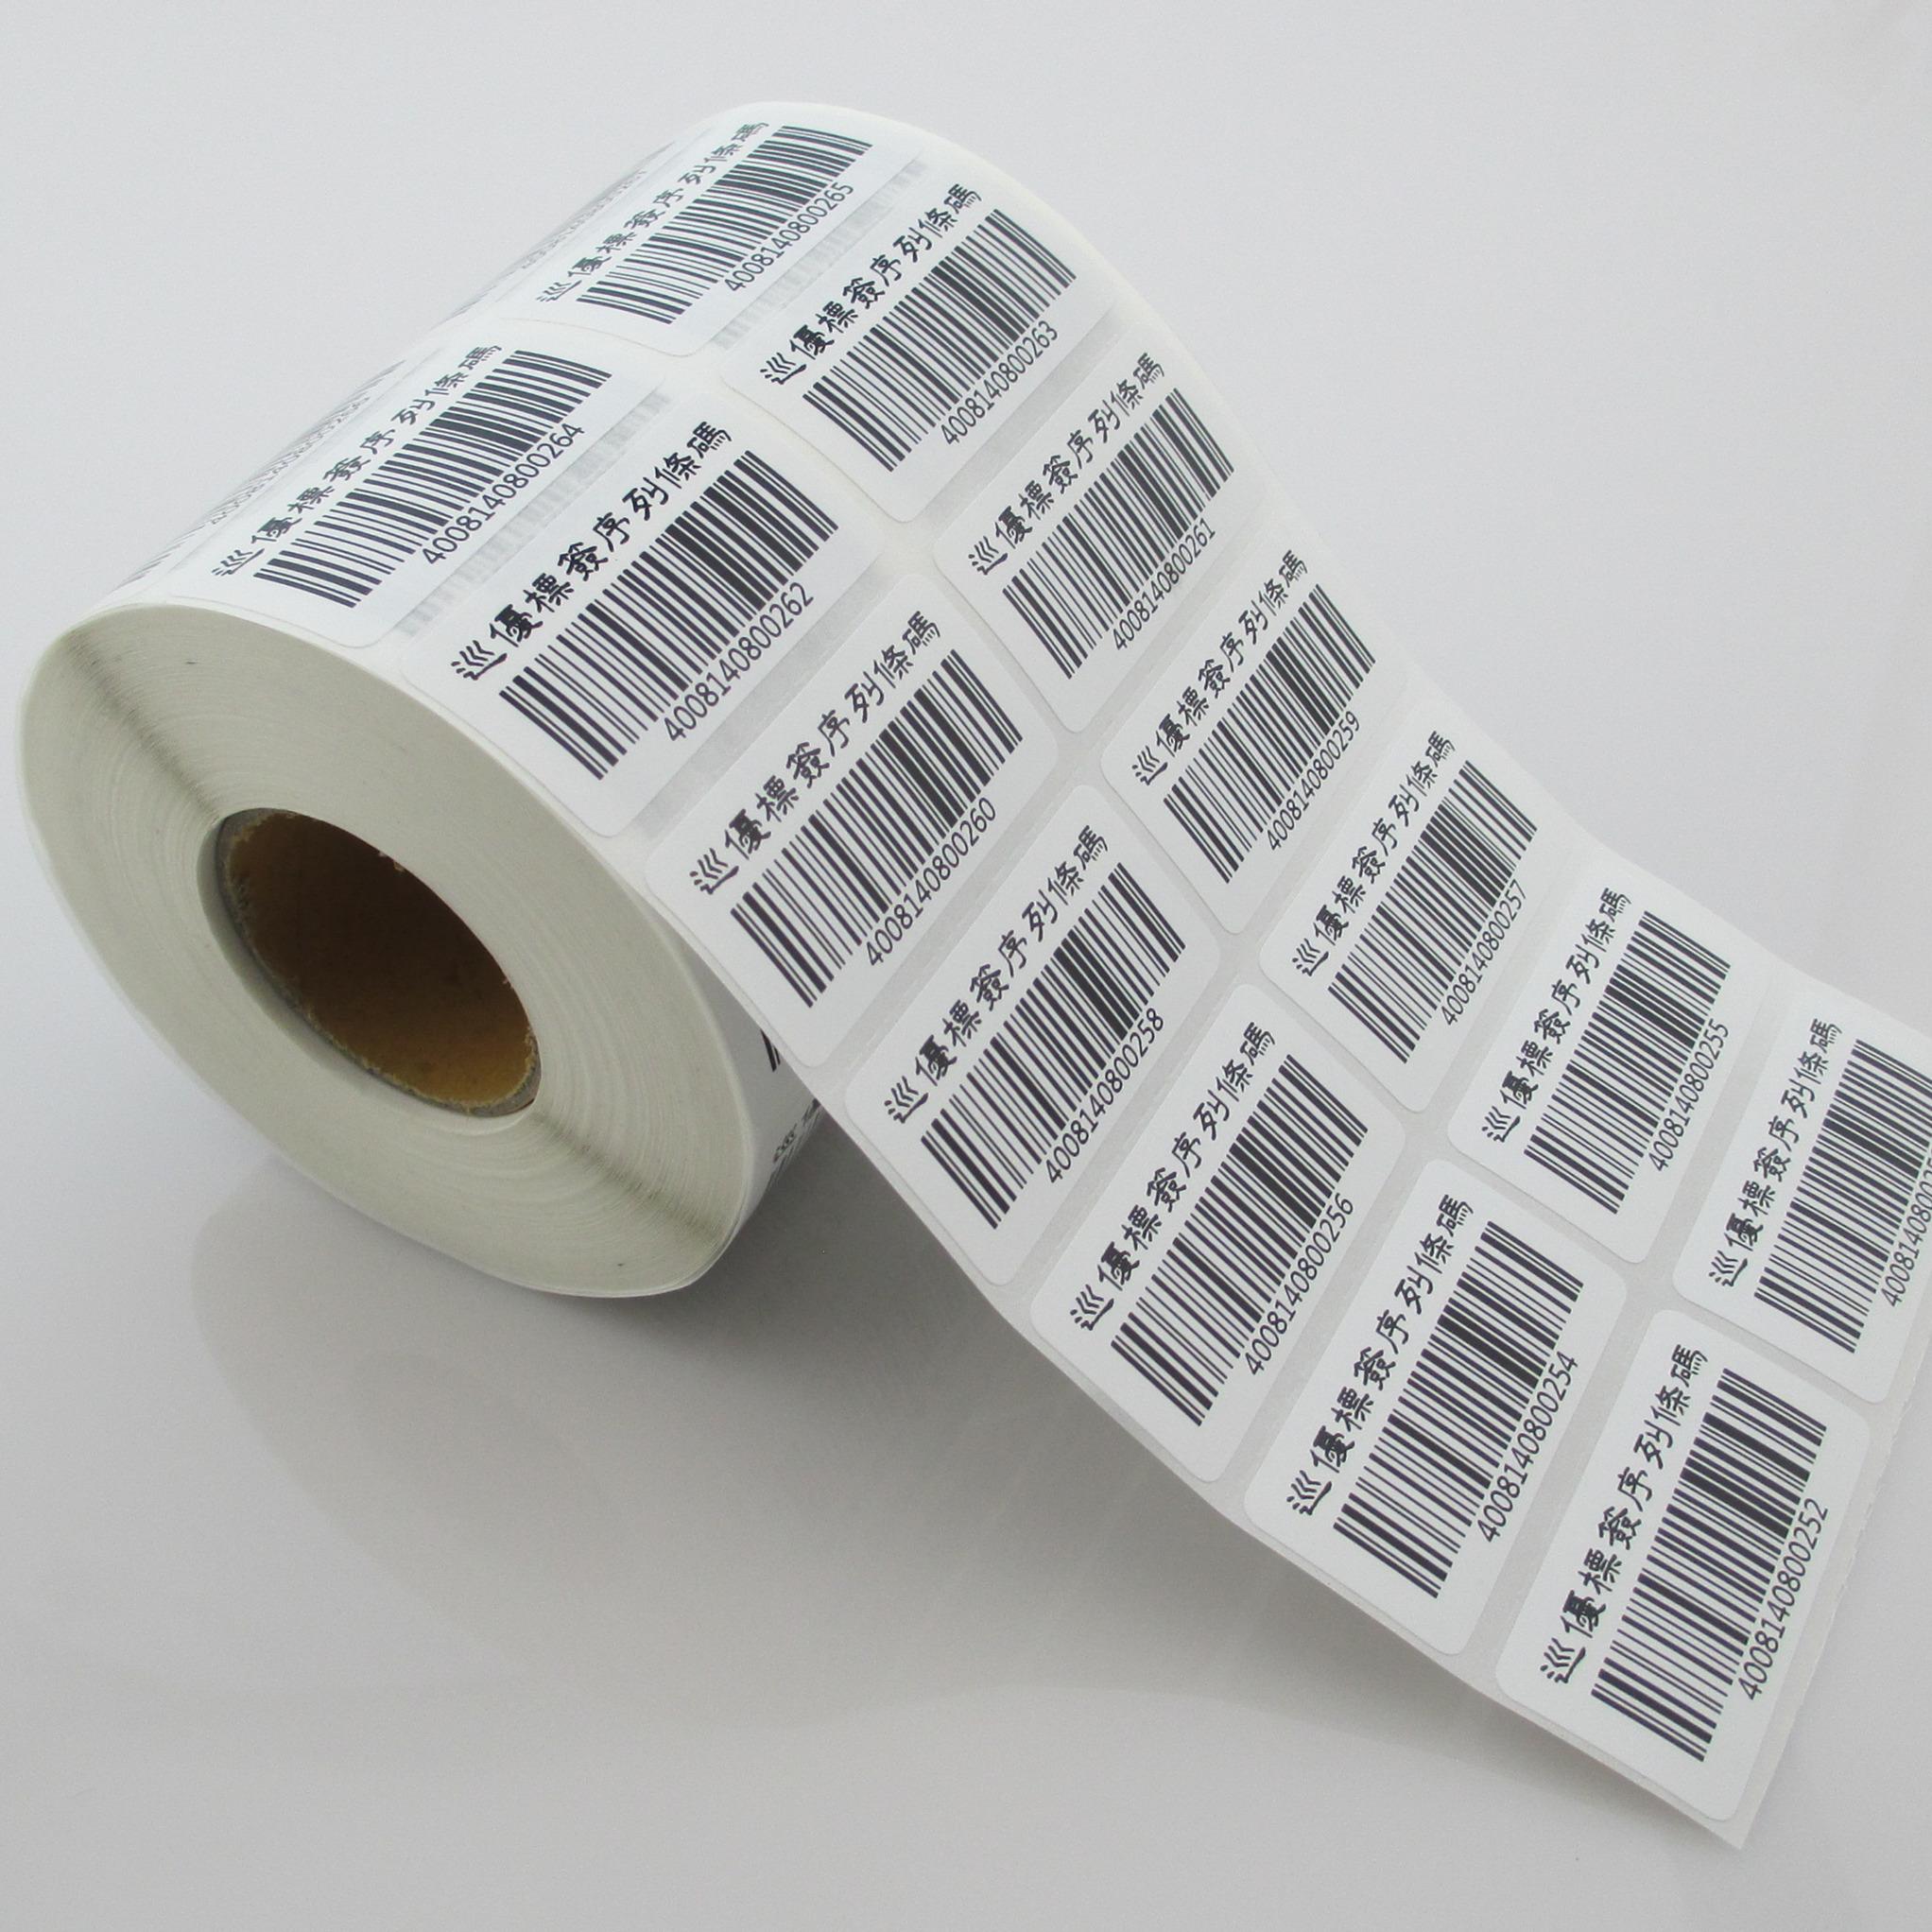 微信二維碼貼定製 不幹膠條碼紙代打印條形碼標簽 珠寶標簽紙製作